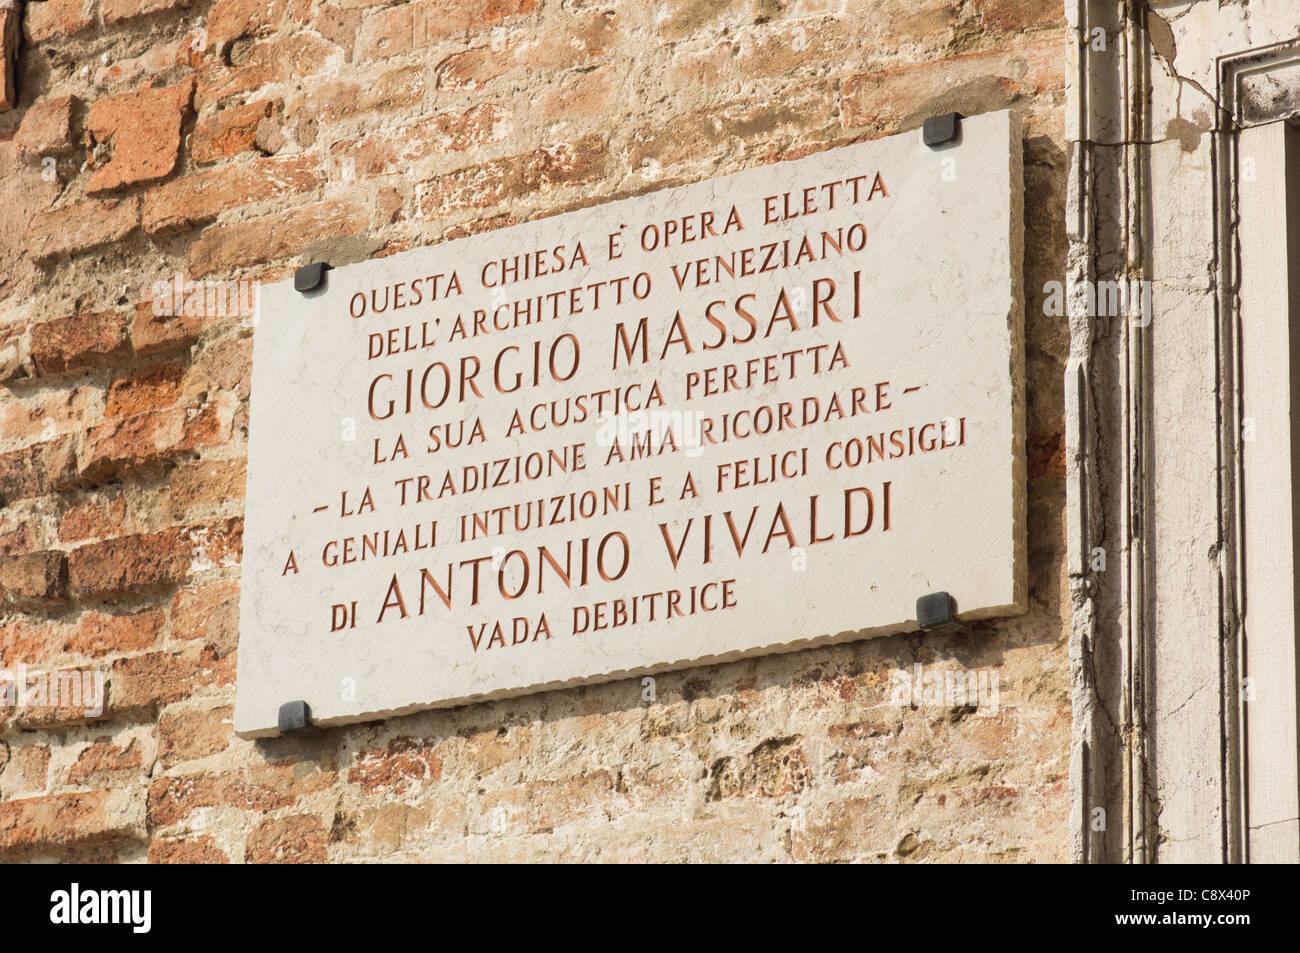 Venice plaque on the Pieta church (music venue) recording Massari's architectural work inspired by Vivaldi for - Stock Image